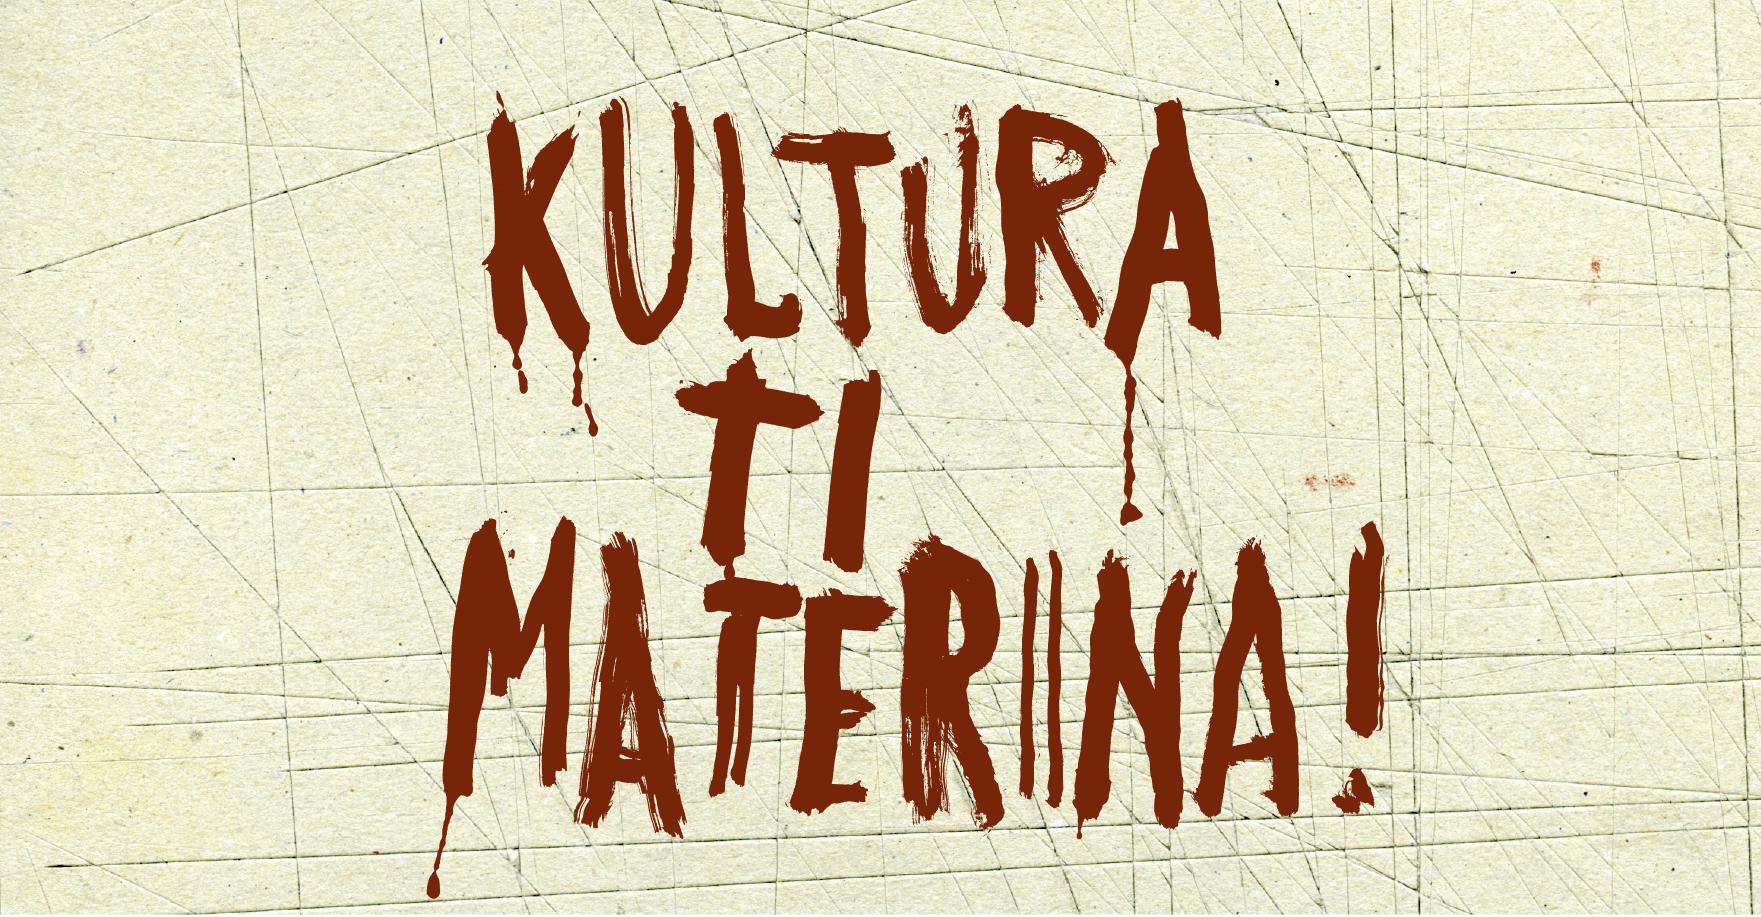 kultura_Layout 1